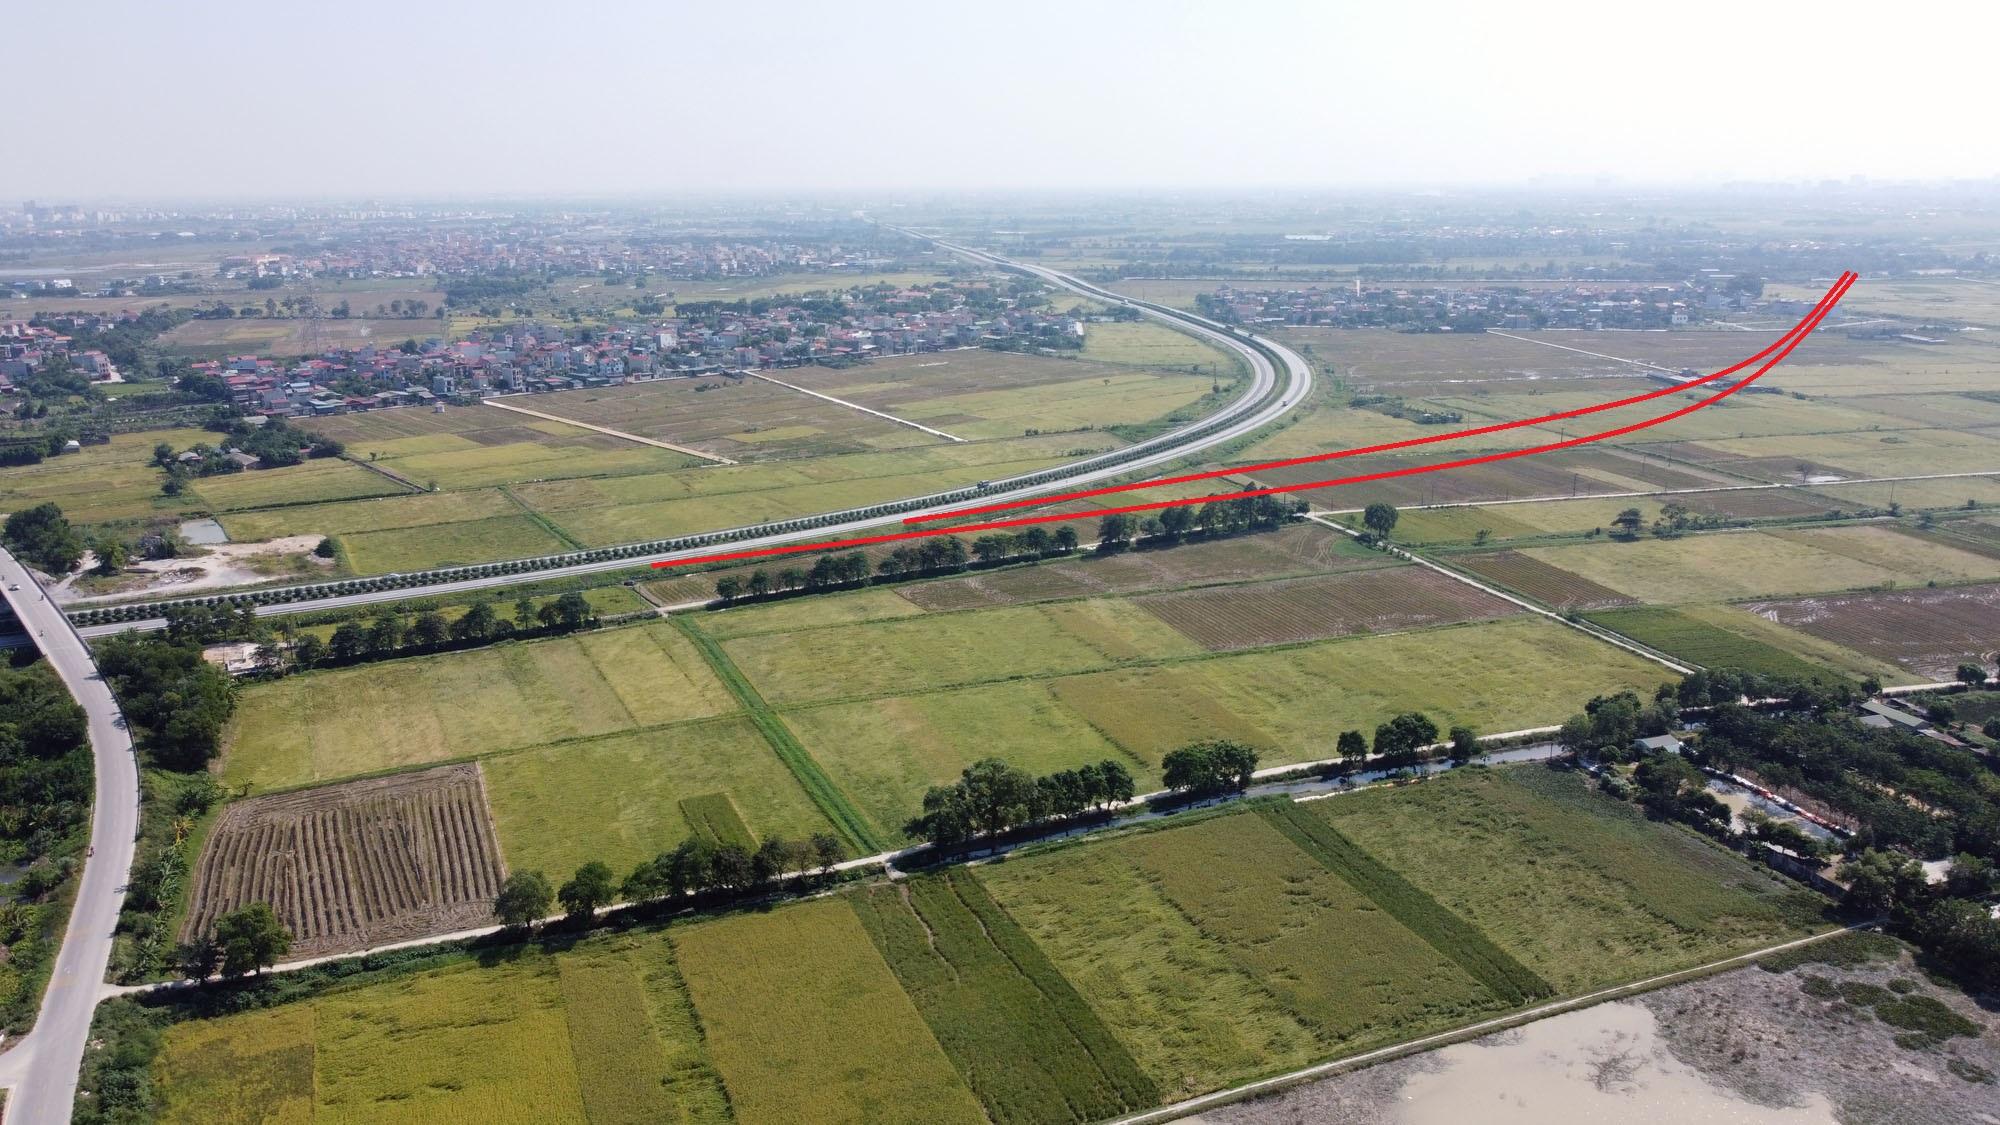 đường sẽ mở theo qui hoạch ở xã Dục Tú, Đông Anh, Hà Nội - Ảnh 7.